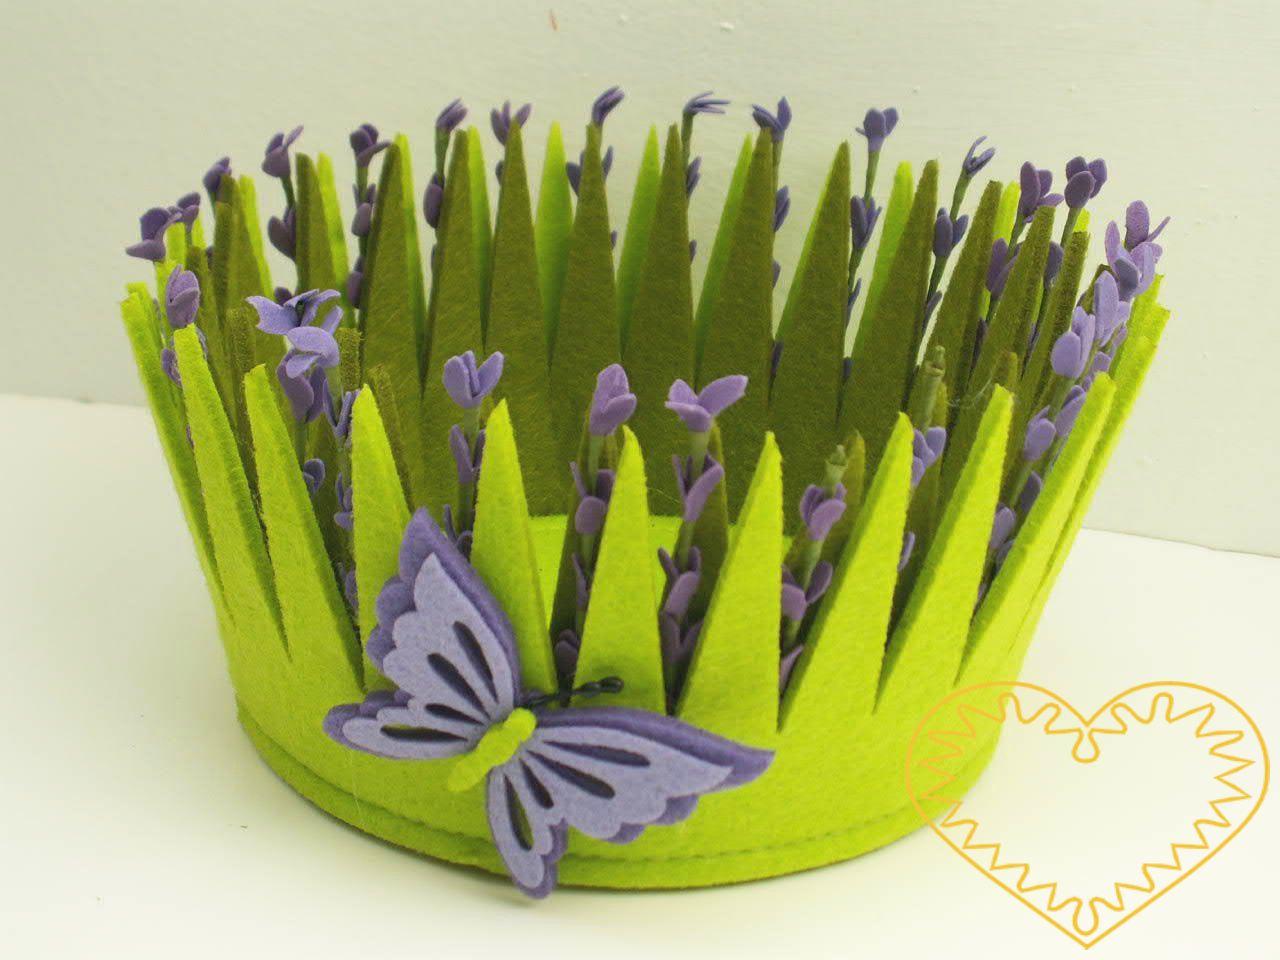 Ozdobný aranžovací obal z plsti. Buď jej lze použít na květináč, nebo jako základ k vytváření různých květinových či ovocných aranžmá.